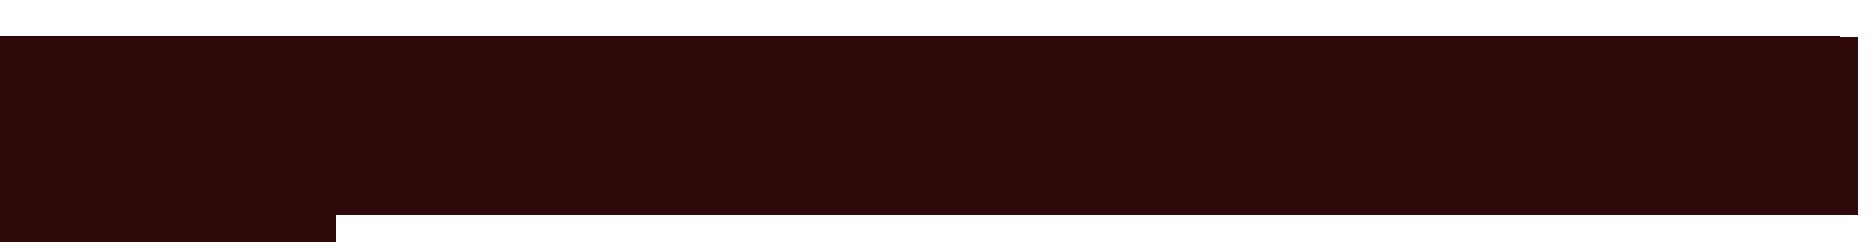 logo ulan-bator